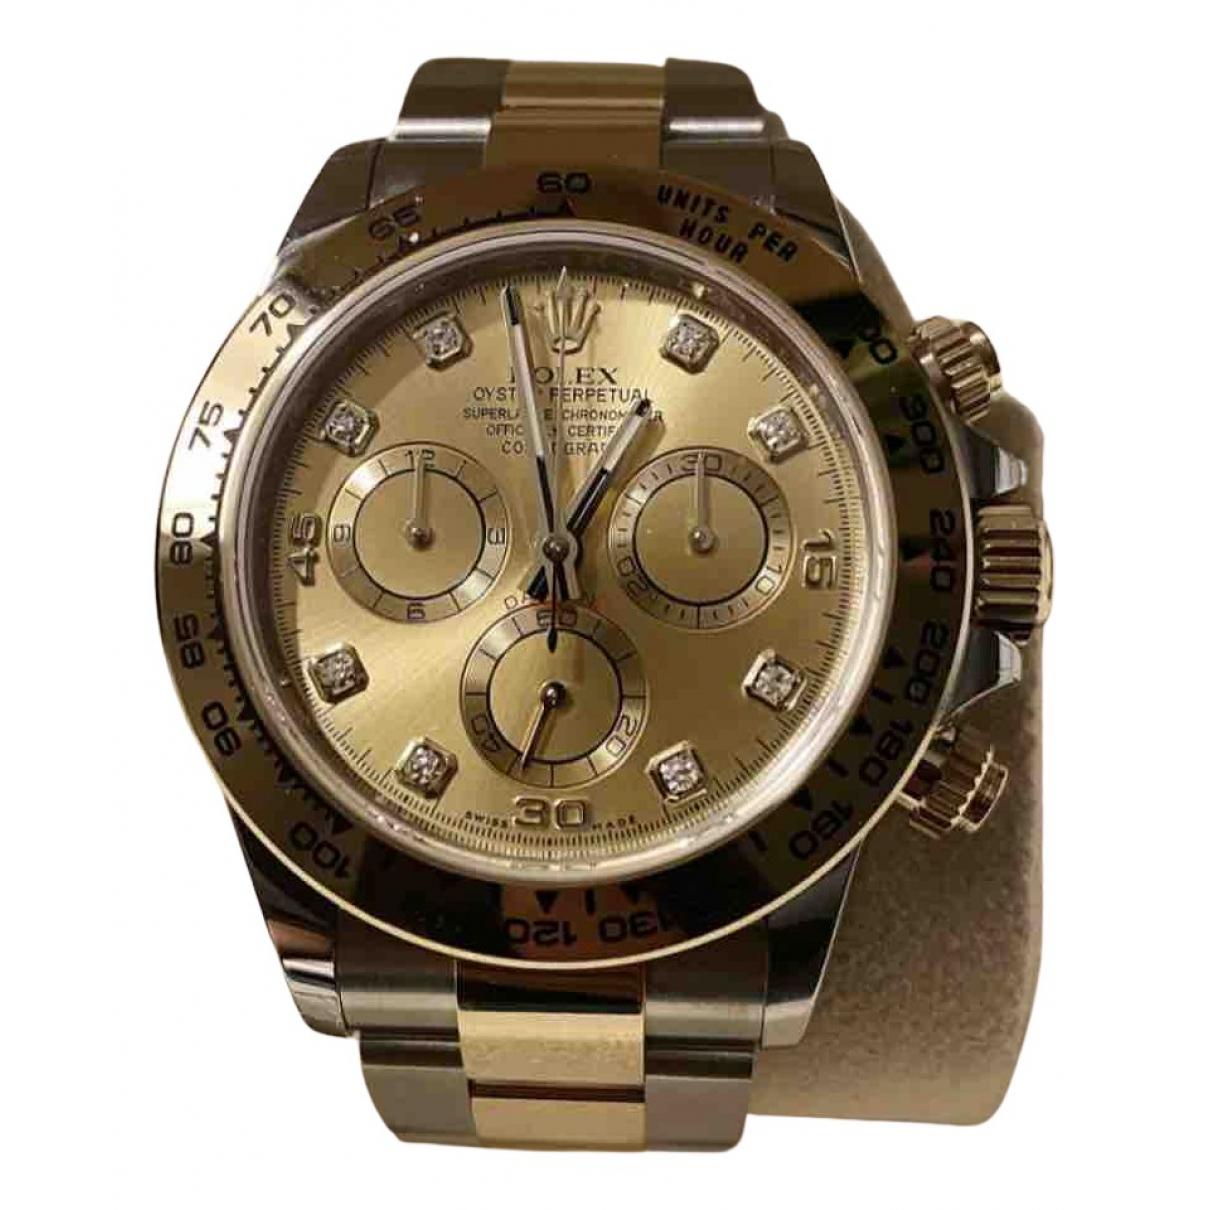 Rolex Daytona Uhr in  Gold Gold und Stahl